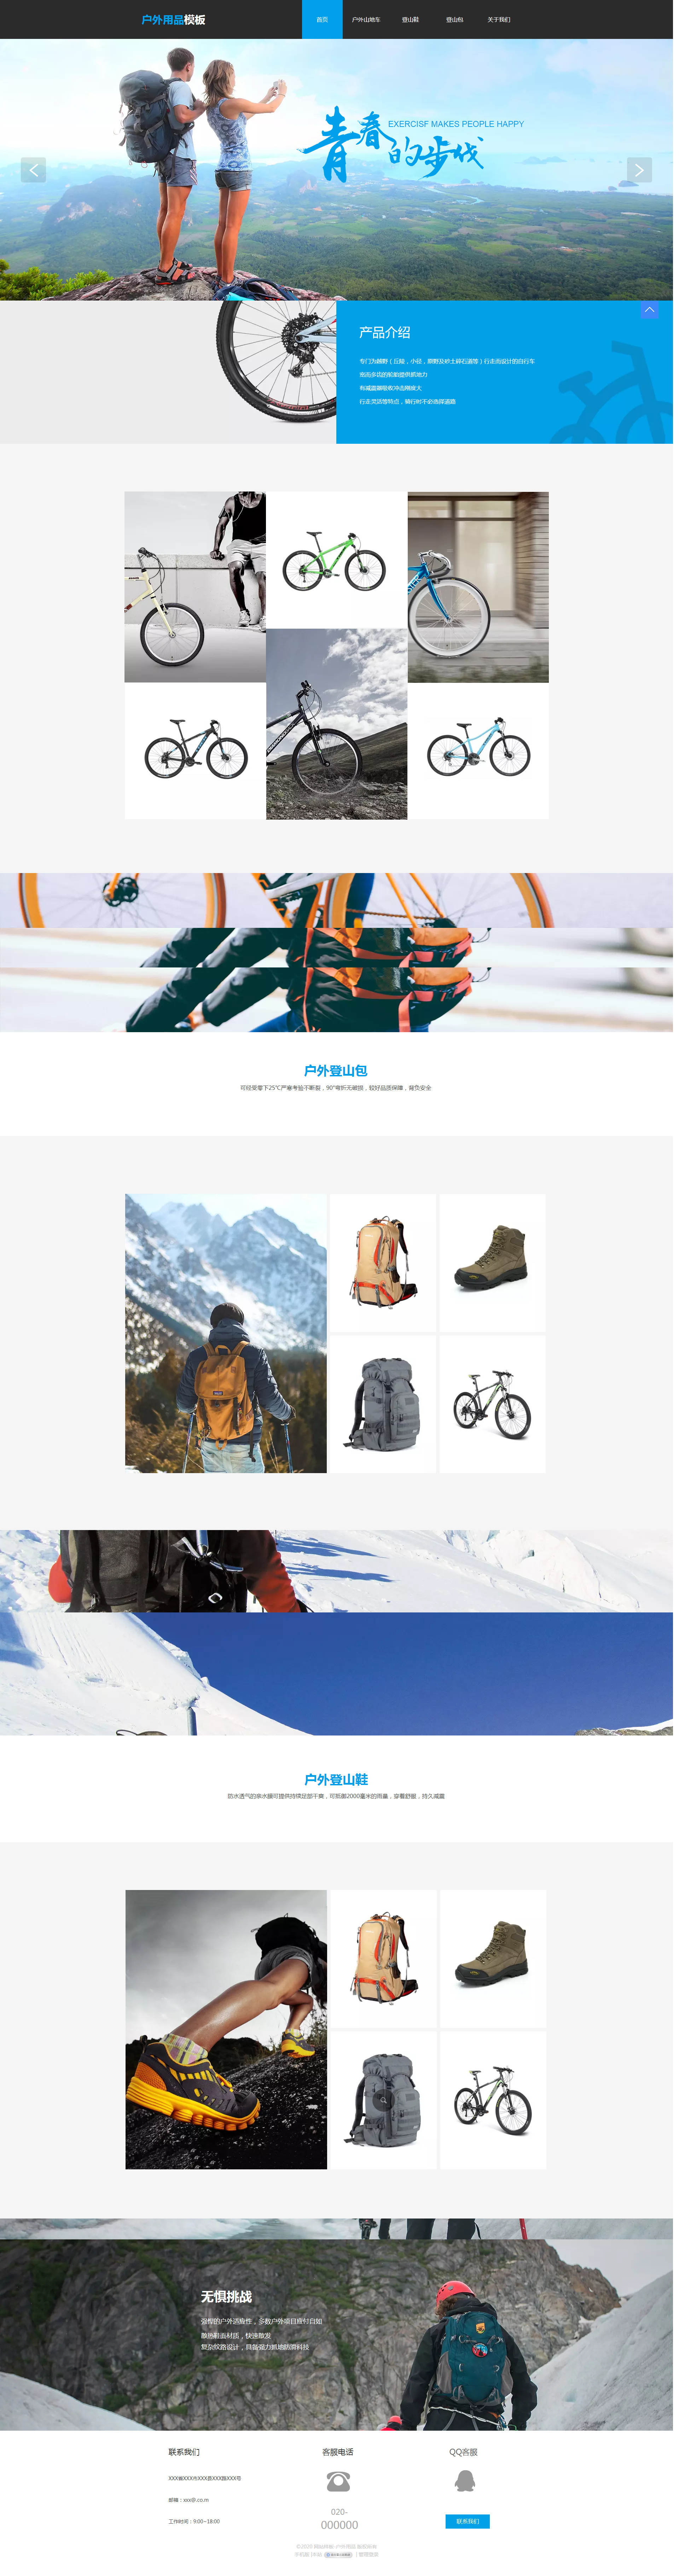 原创户外用品登山包